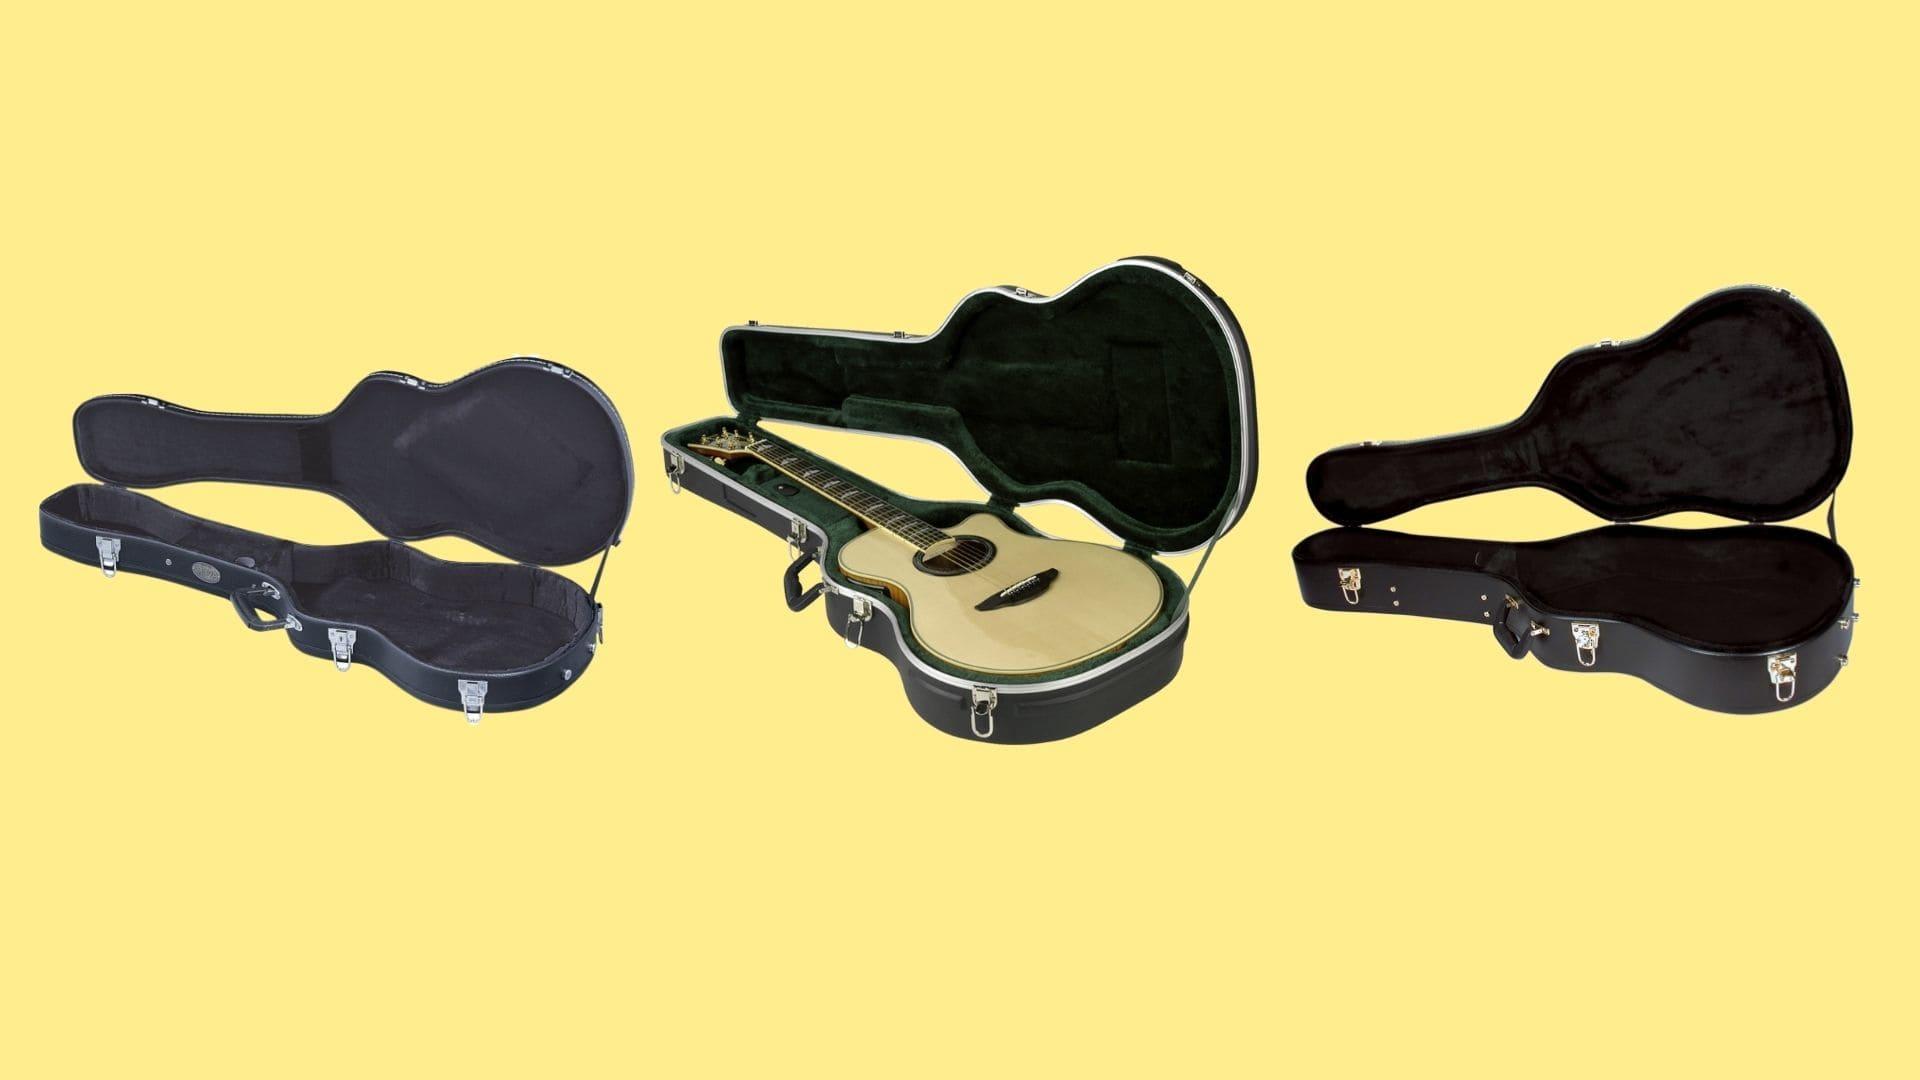 migliore-custodia-per-chitarra